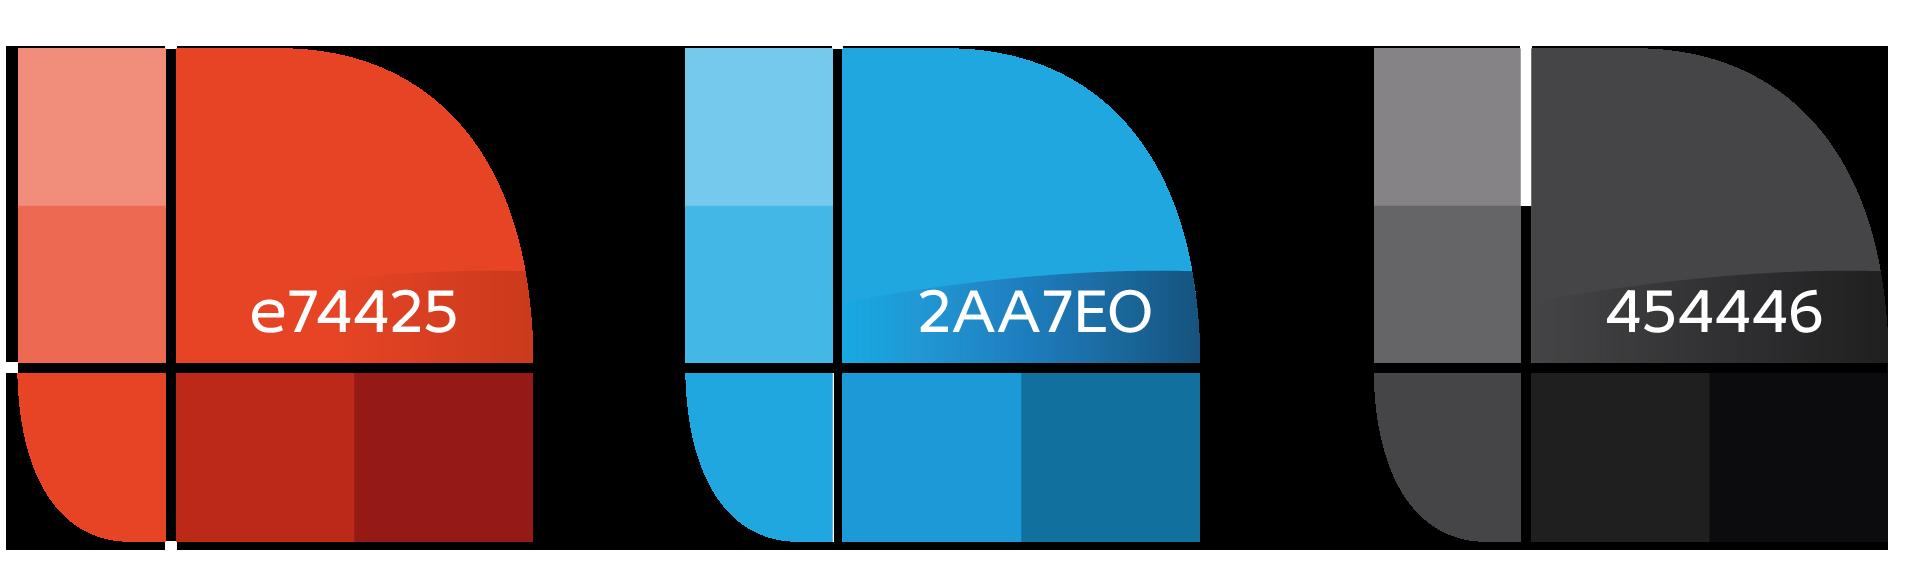 Palette de couleurs du logo